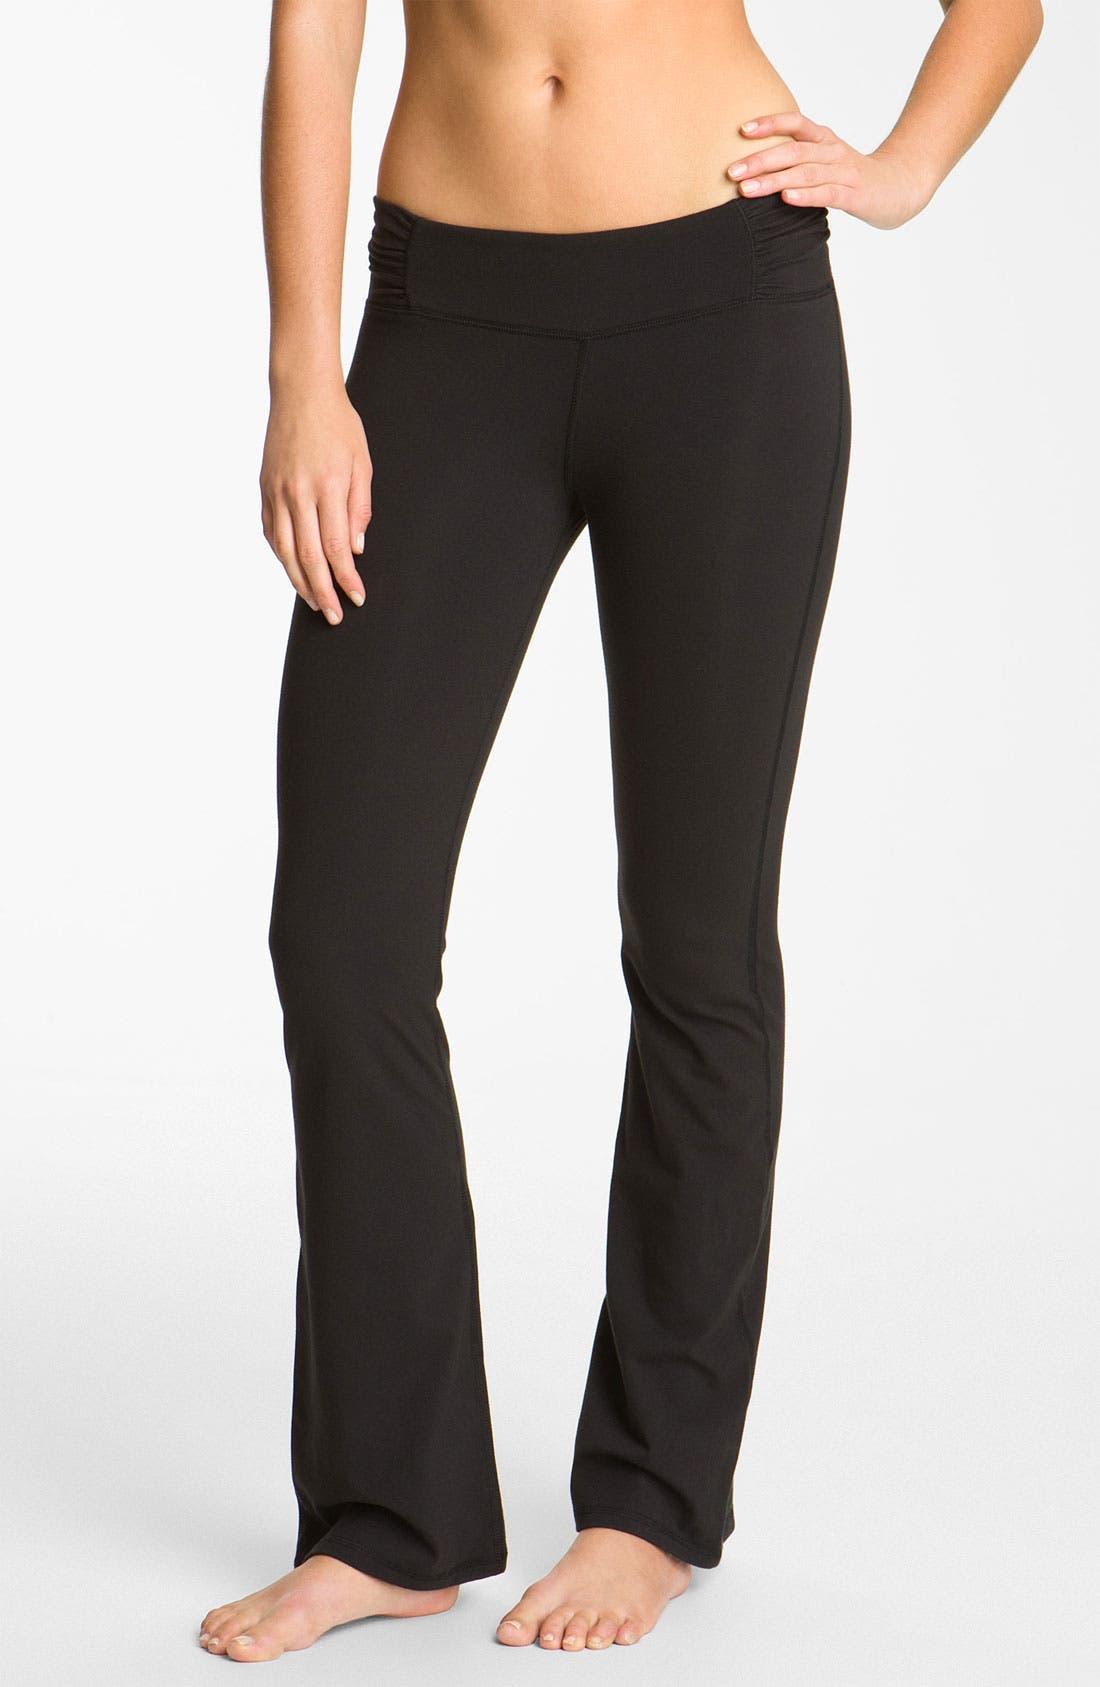 Alternate Image 1 Selected - Alo 'Asana' Yoga Pants